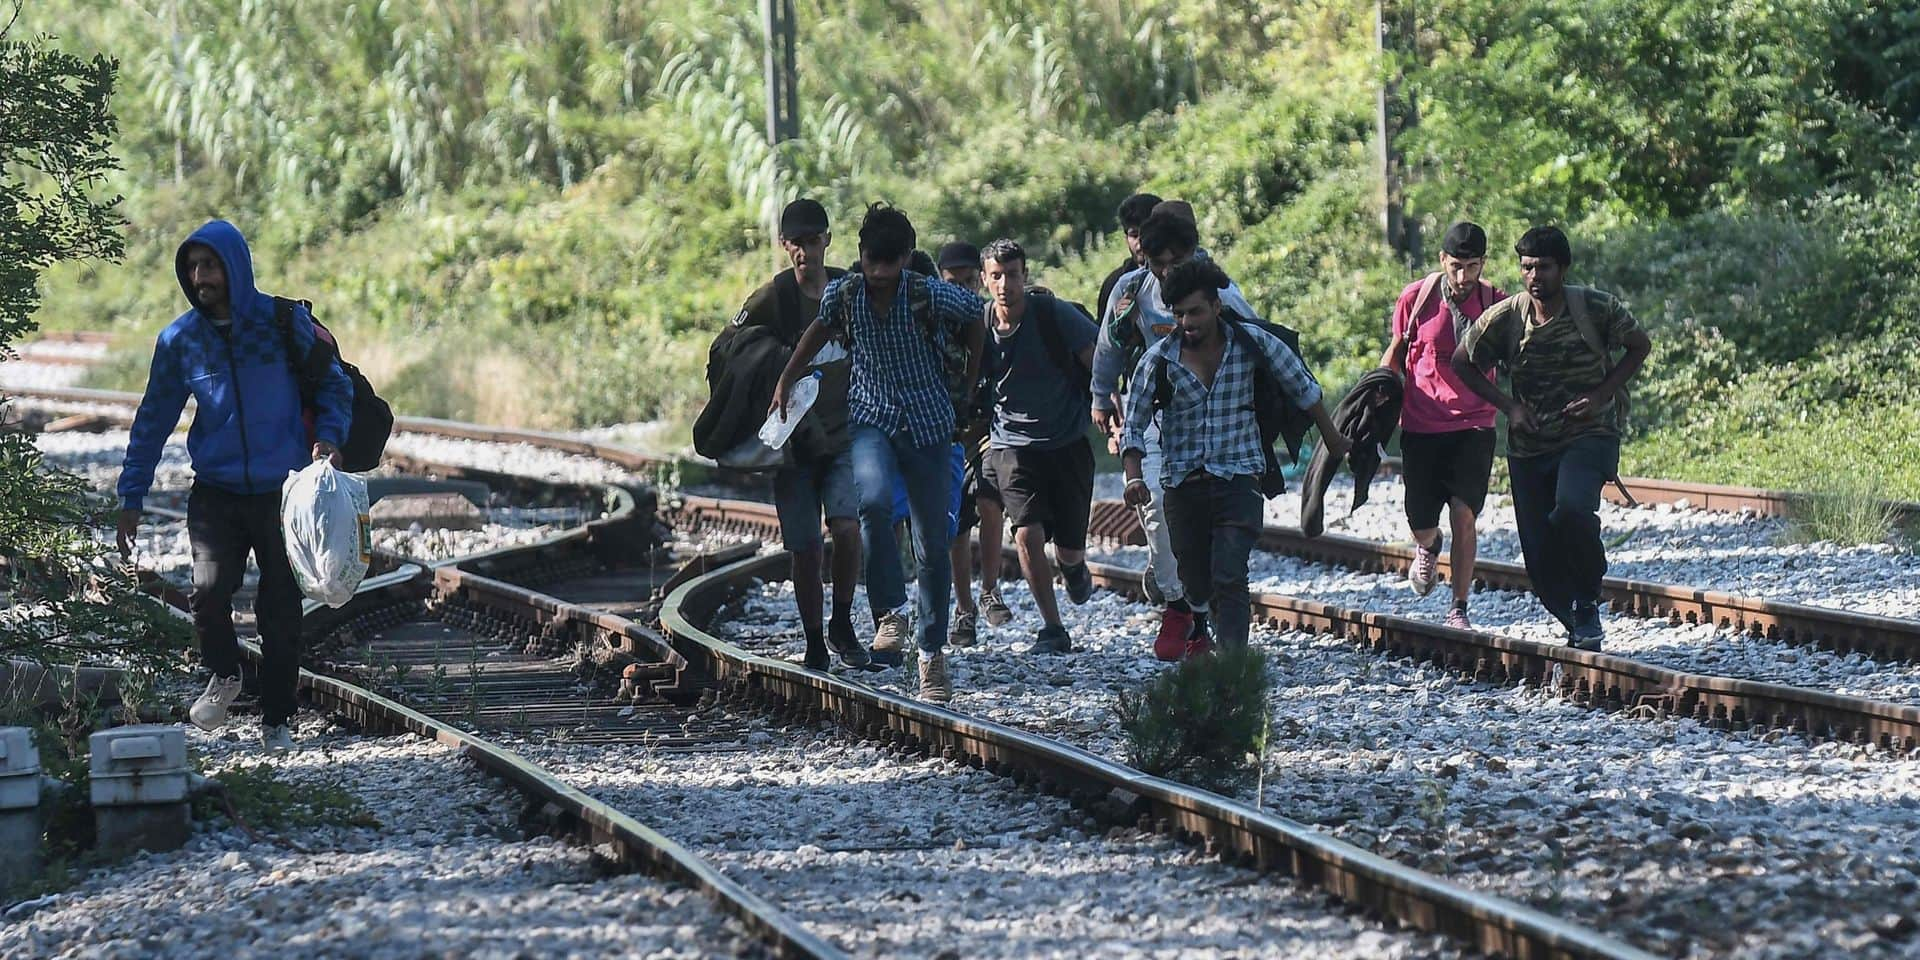 Près de 70 migrants meurent par mois en Afrique en route vers l'Europe